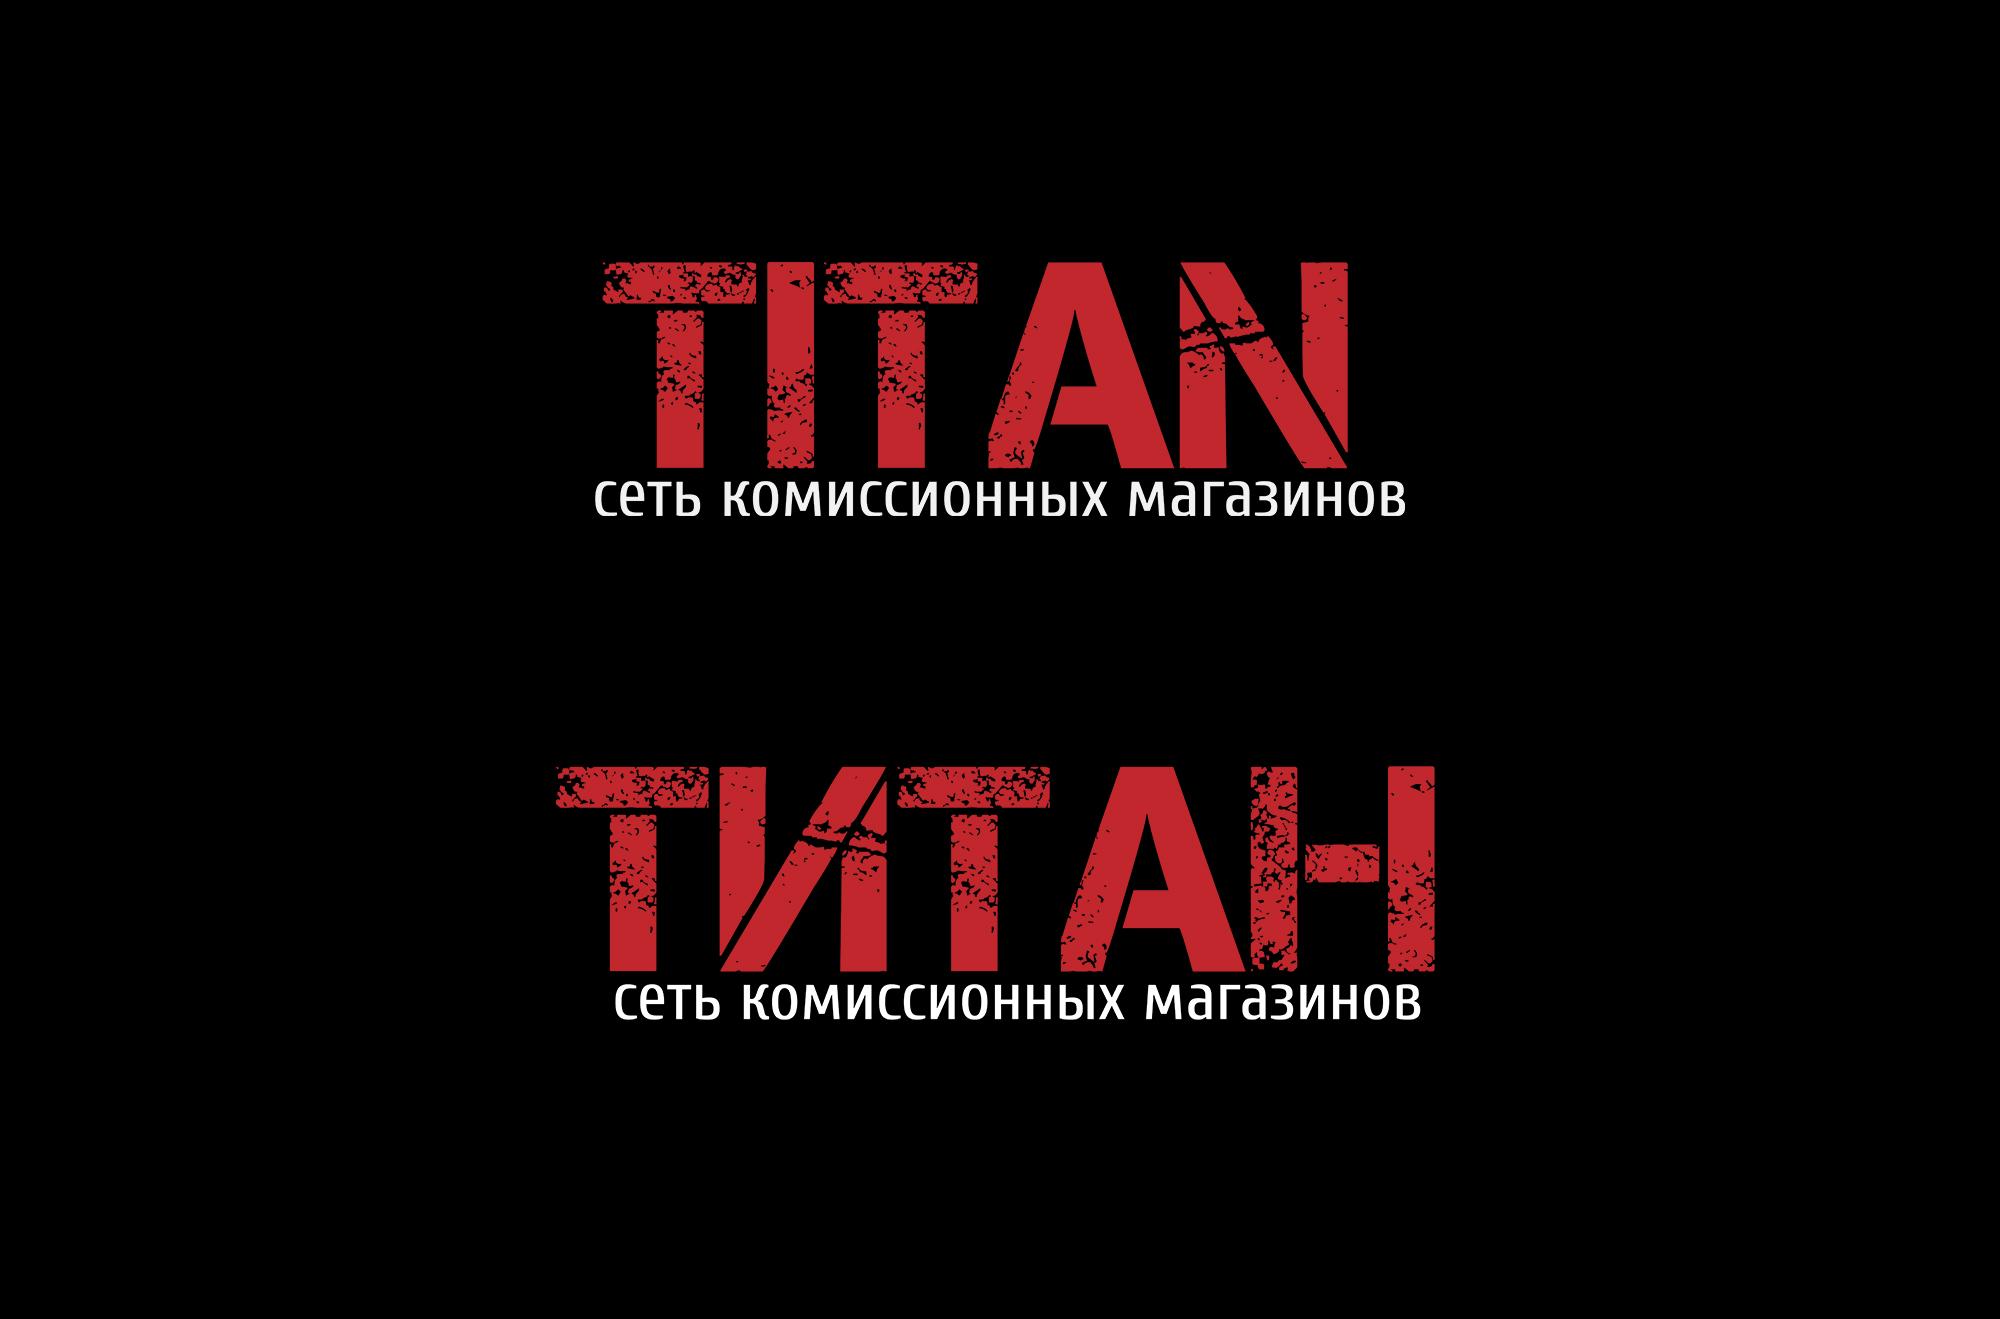 Разработка логотипа (срочно) фото f_5985d4ad2d39cdfe.jpg